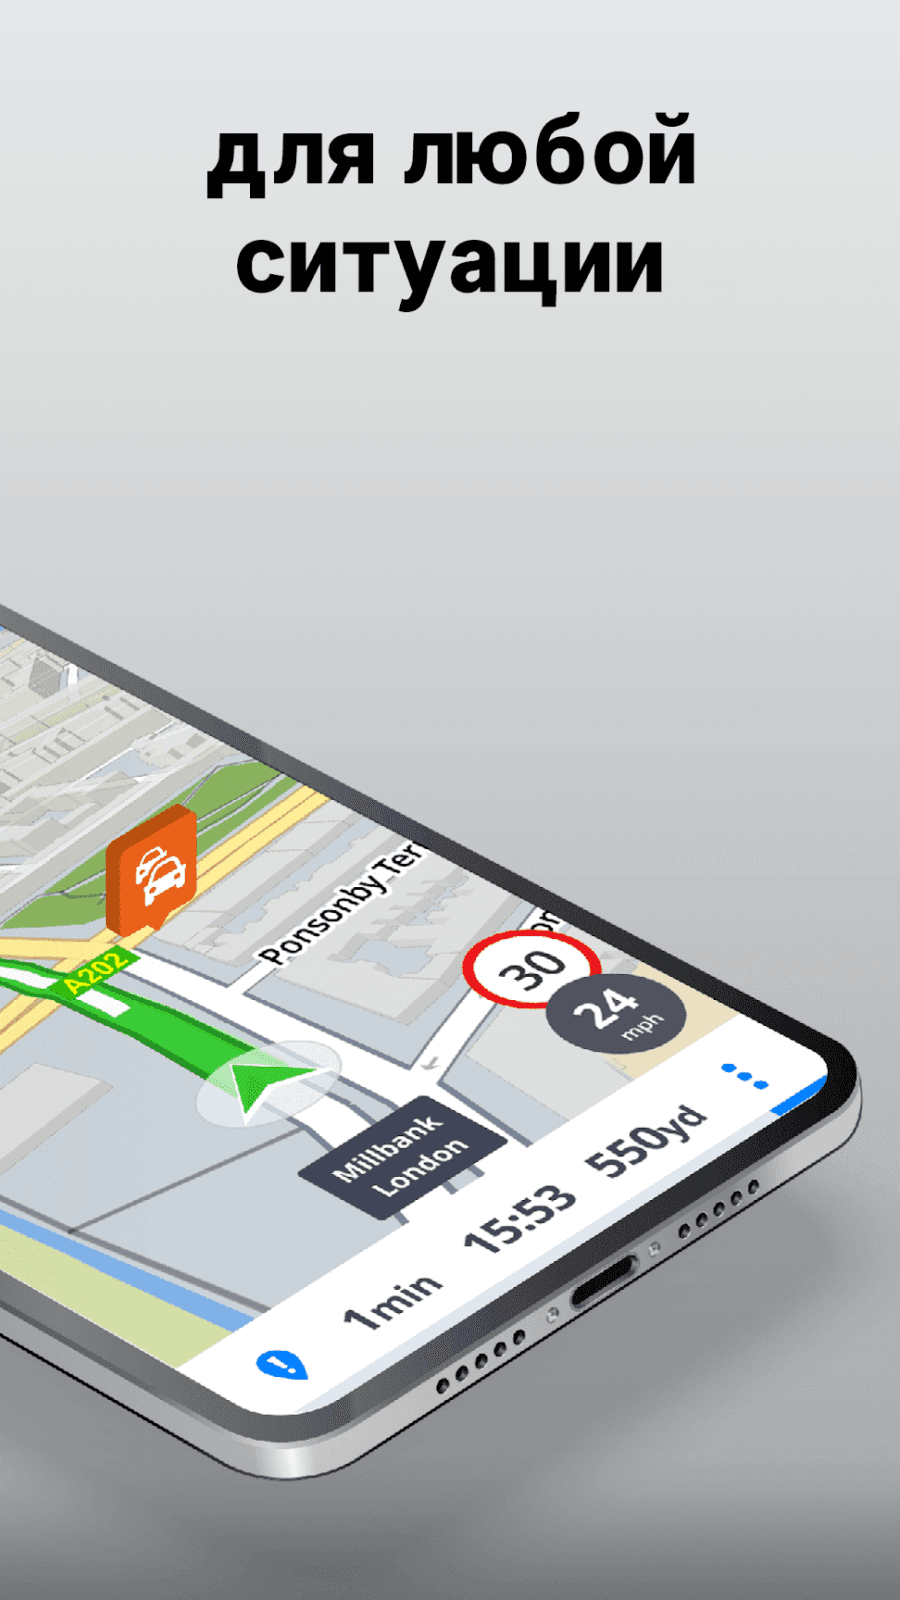 Автономные карты и система навигации скриншот 2